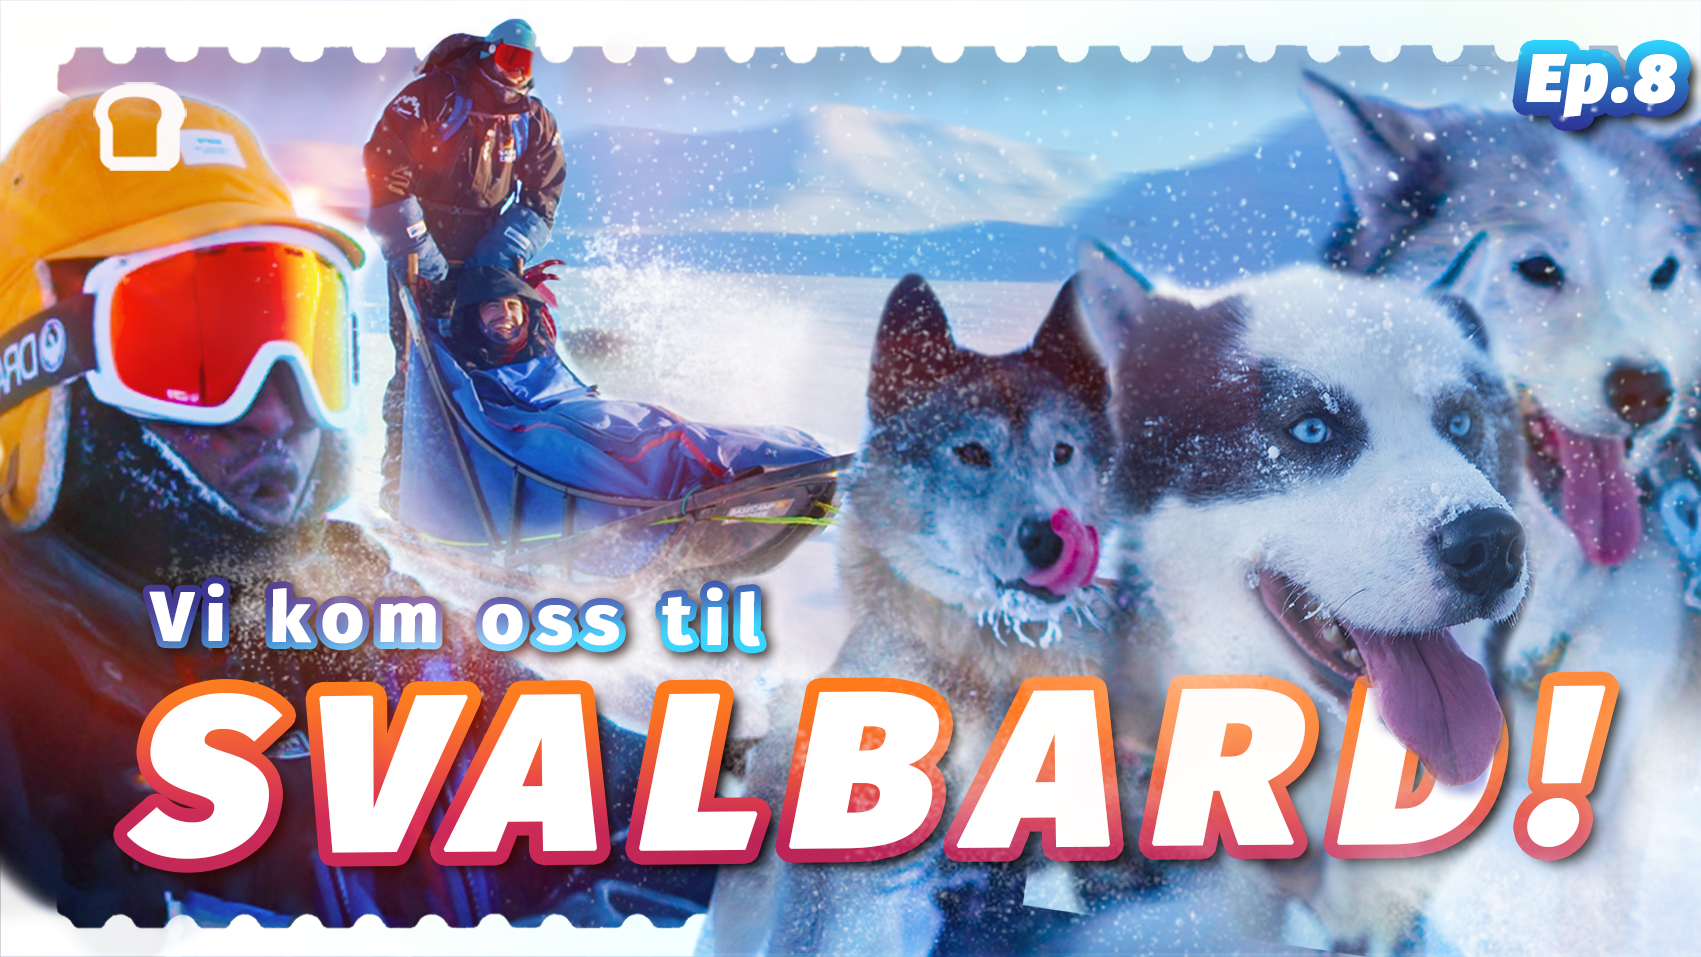 Målet er nådd – bassene reiser til Svalbard! Første stopp er verdens nordligste bensinstasjon, der Safari prøver å nyte en wienerpølse. Deretter skal de ut på ekspedisjon med hundespann i 26 kuldegrader, som byr på en rekke utfordringer.